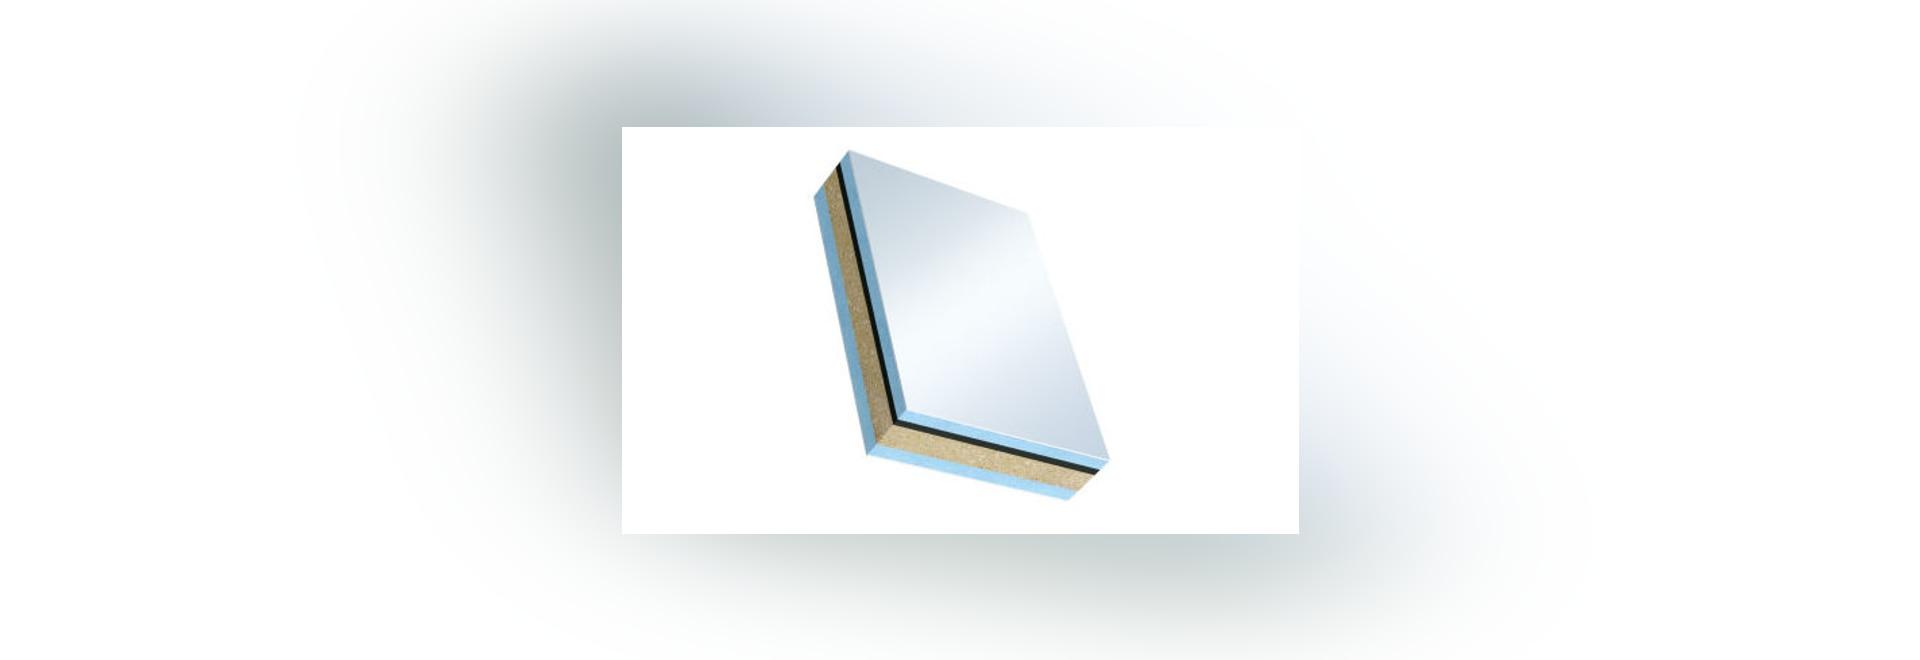 NEU: Sandwich-Dämmplatte für Fassade by WEISS CHEMIE + TECHNIK GMBH & CO. KG